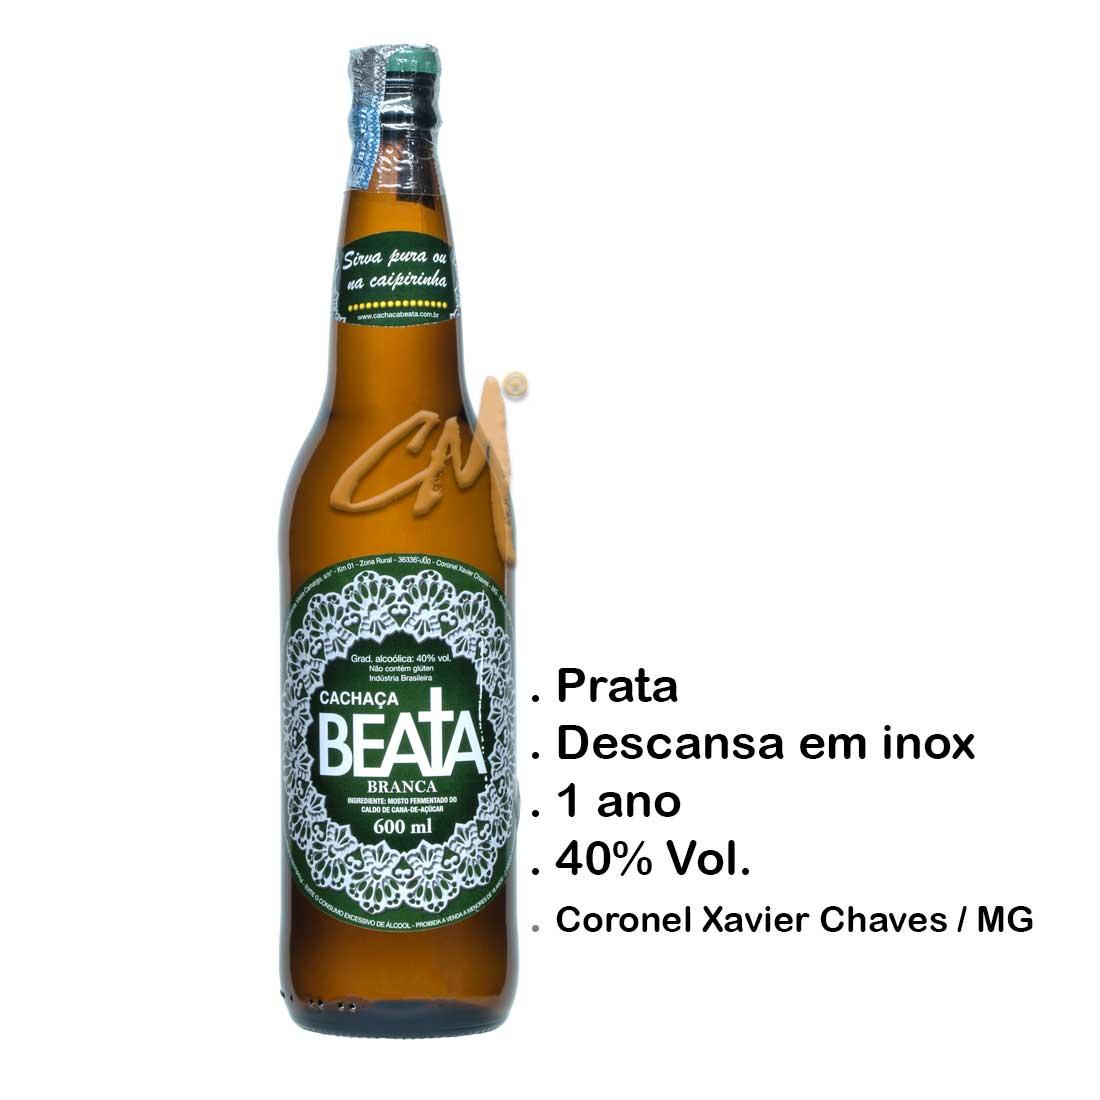 Cachaça Beata Branca 600 ml (Coronel Xavier Chaves - MG)